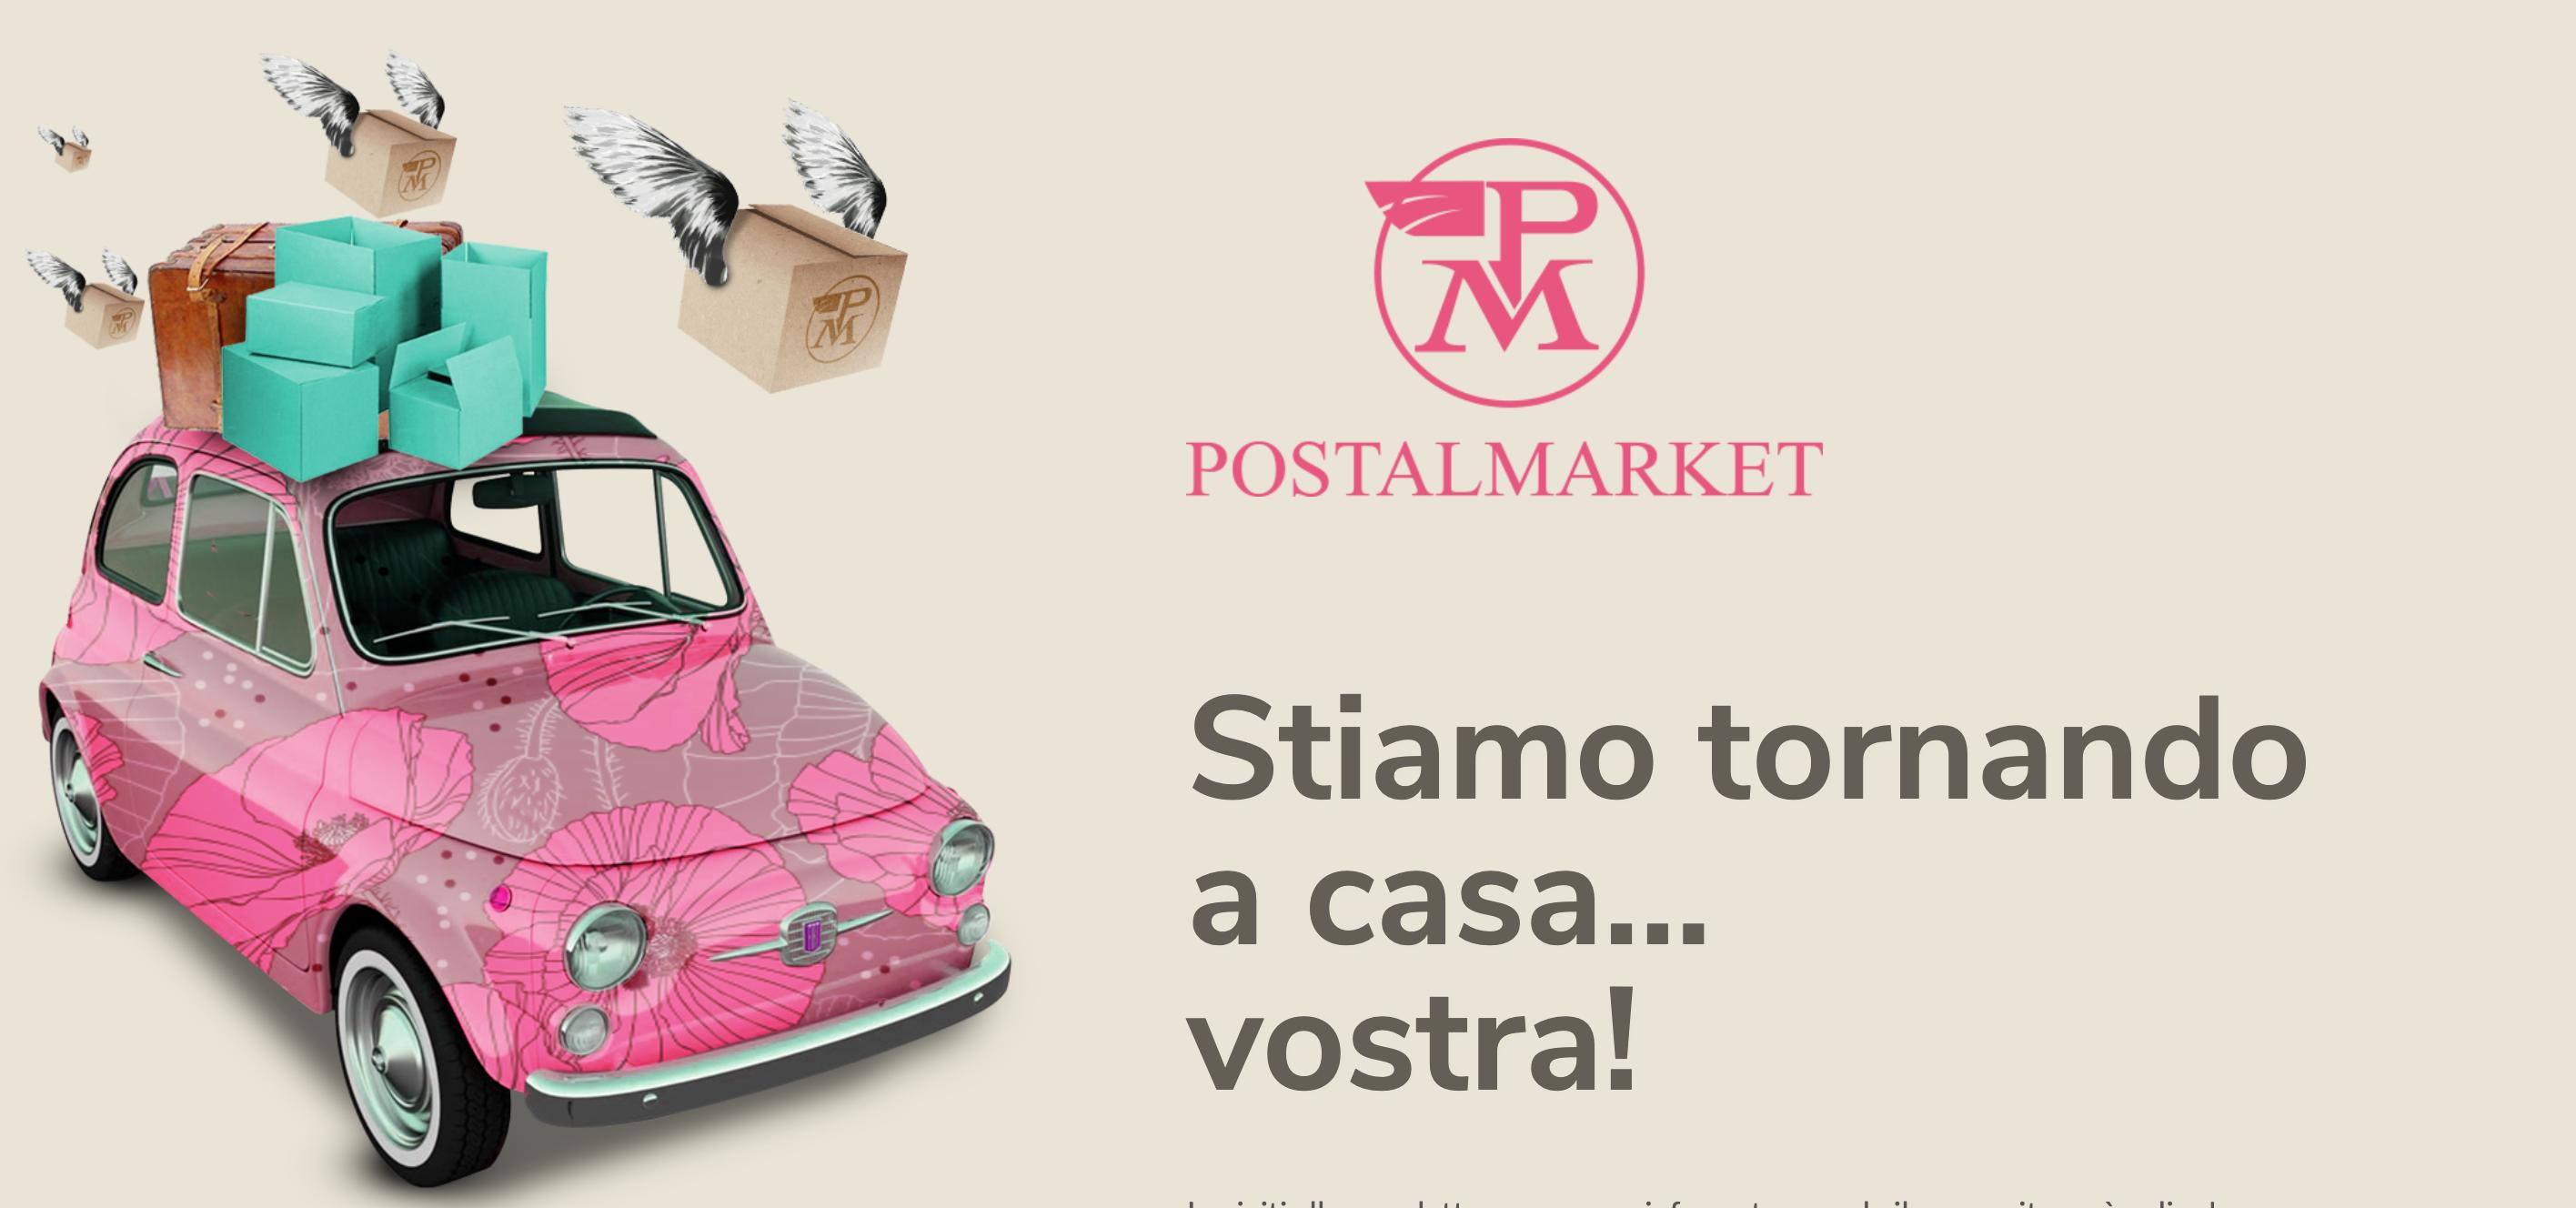 Postalmarket torna con un sito e vende online, il giornale che ha conquistato l'Italia